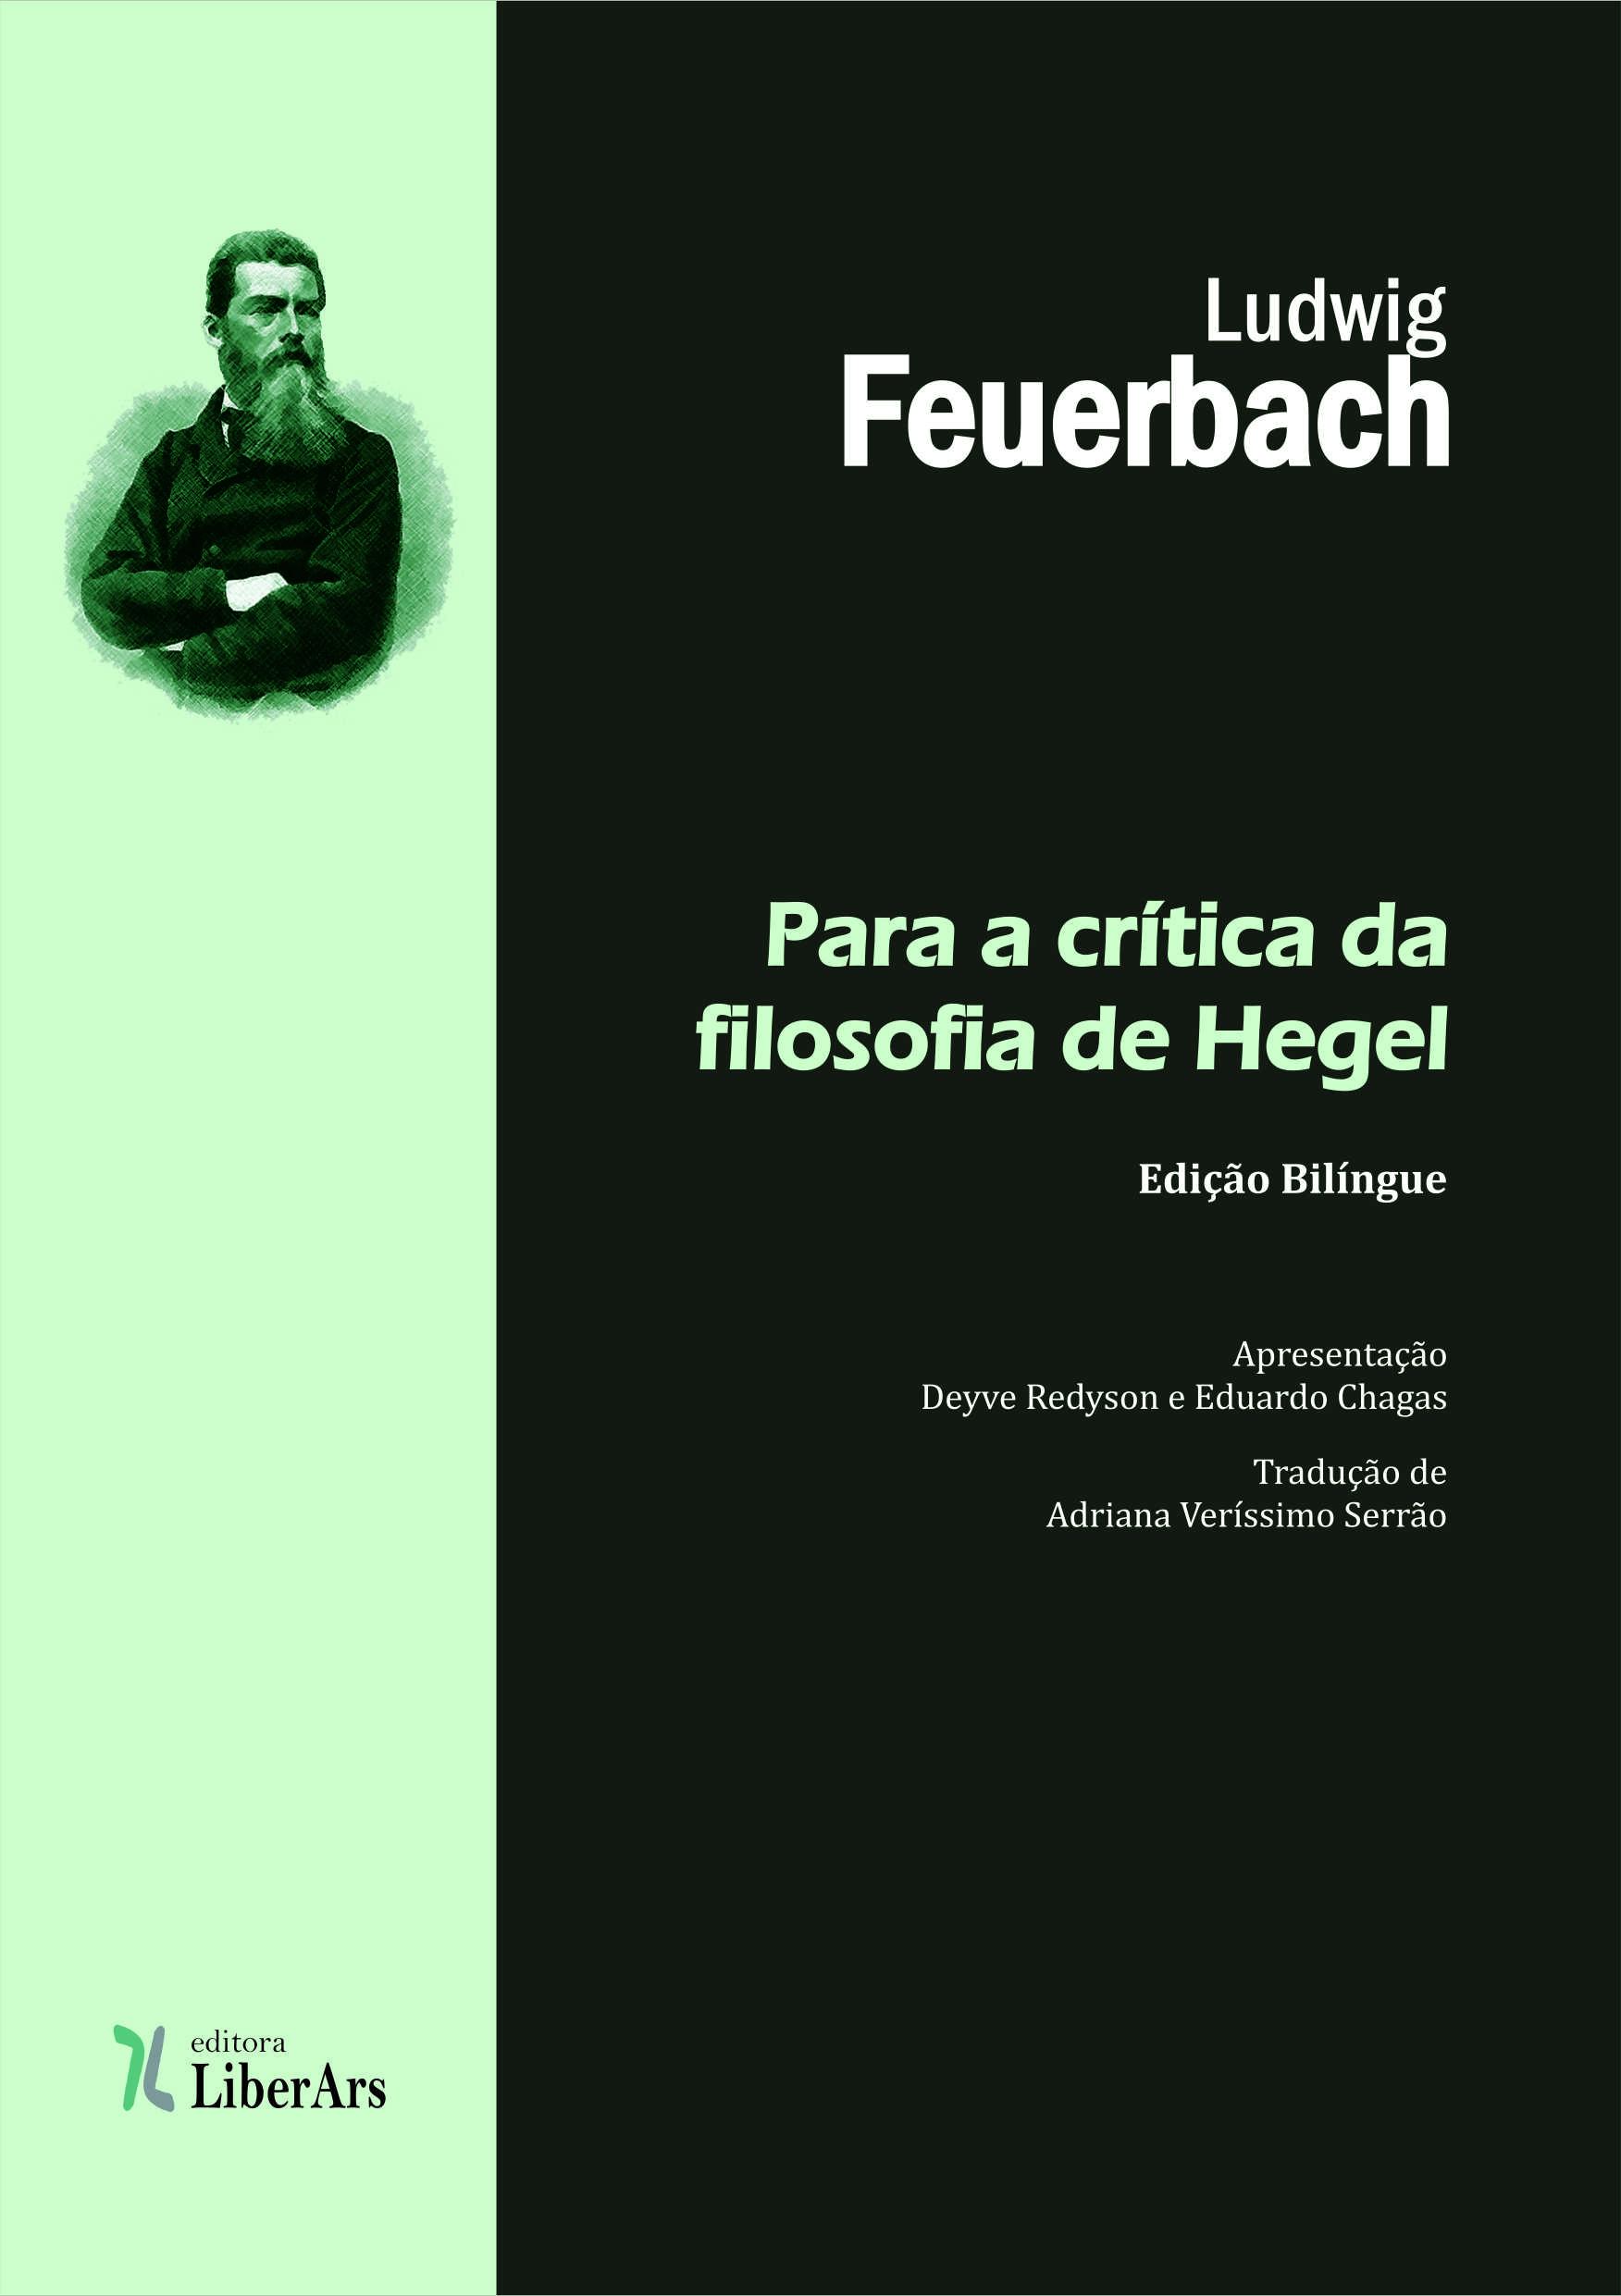 Para a crítica da filosofia de Hegel, livro de Ludwig Feruerbach